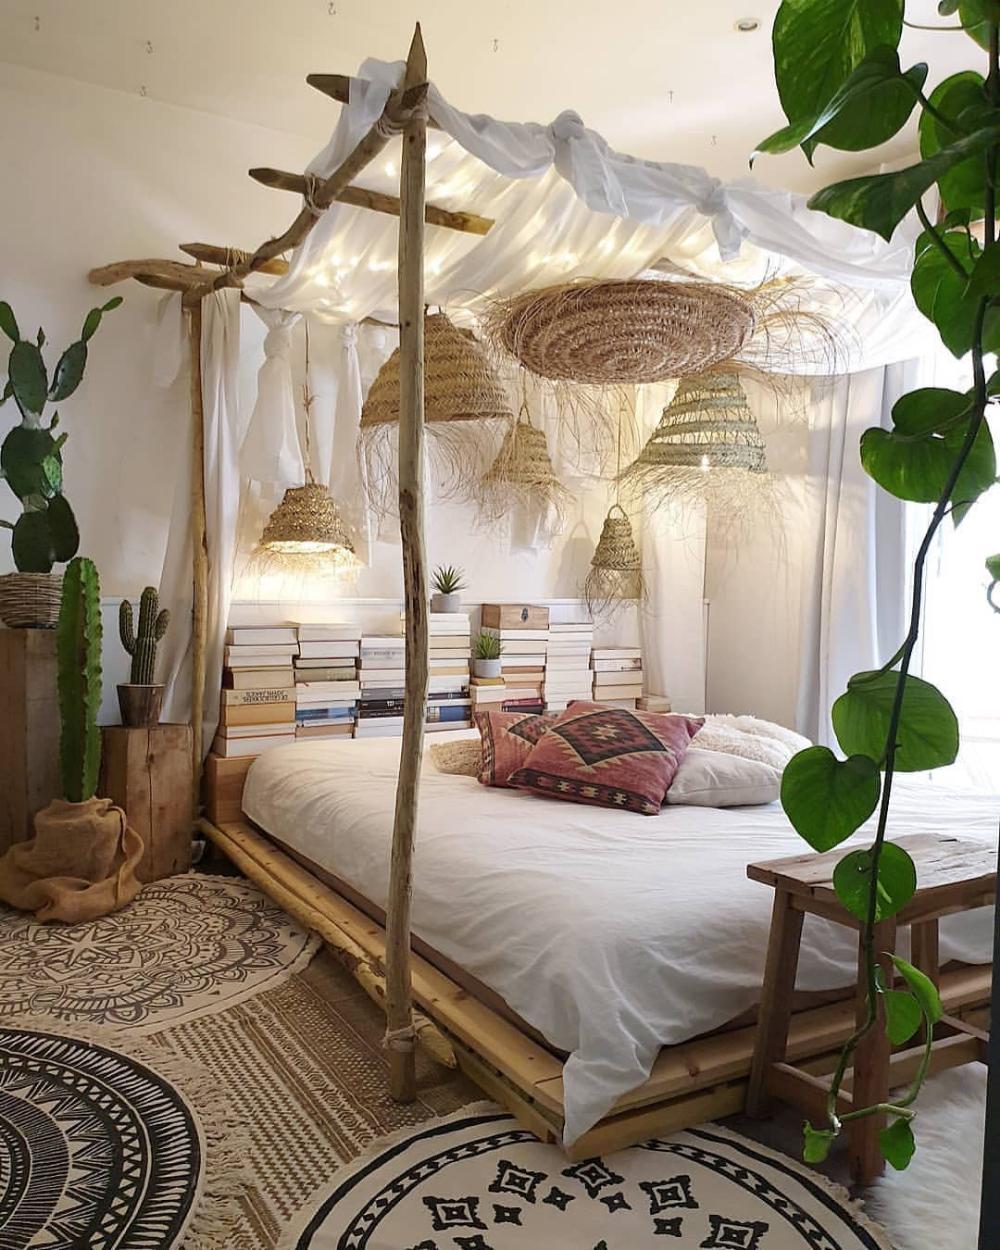 5 Inspiring special Living Room Design Ideas For Your Home home